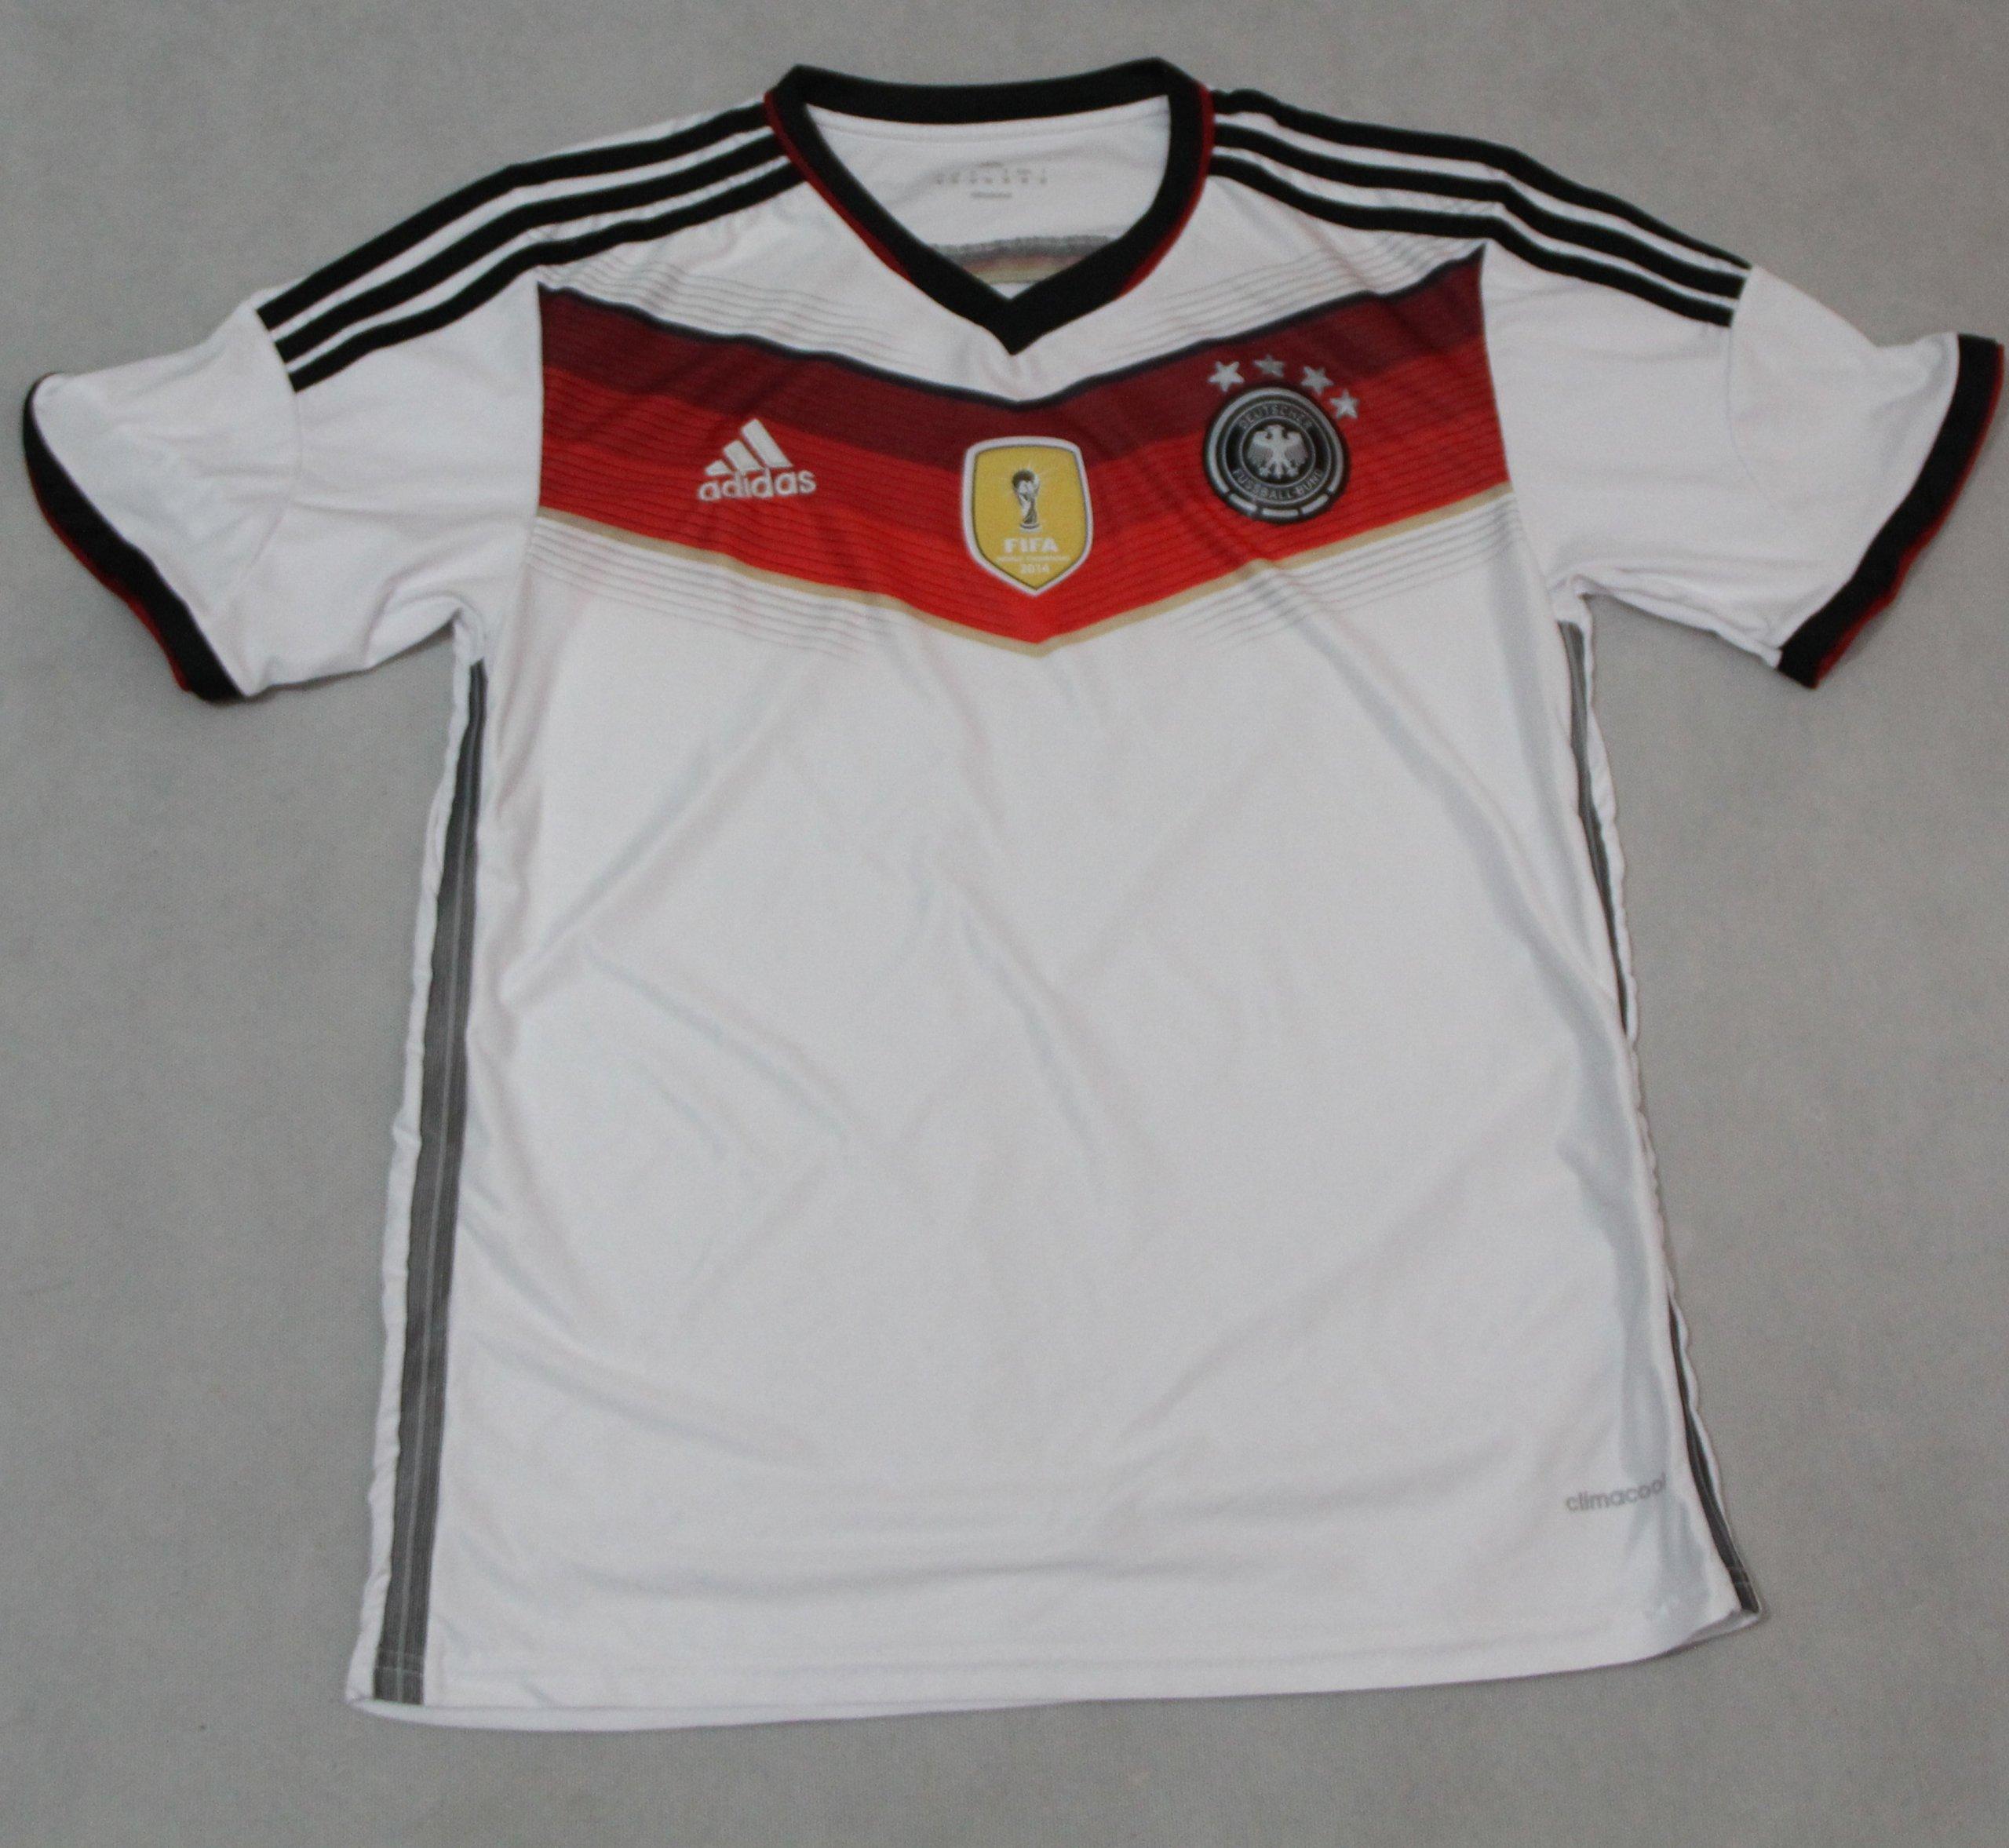 46a2952a53c2 Koszulka Reprezentacji Niemiec - 7299194731 - oficjalne archiwum allegro